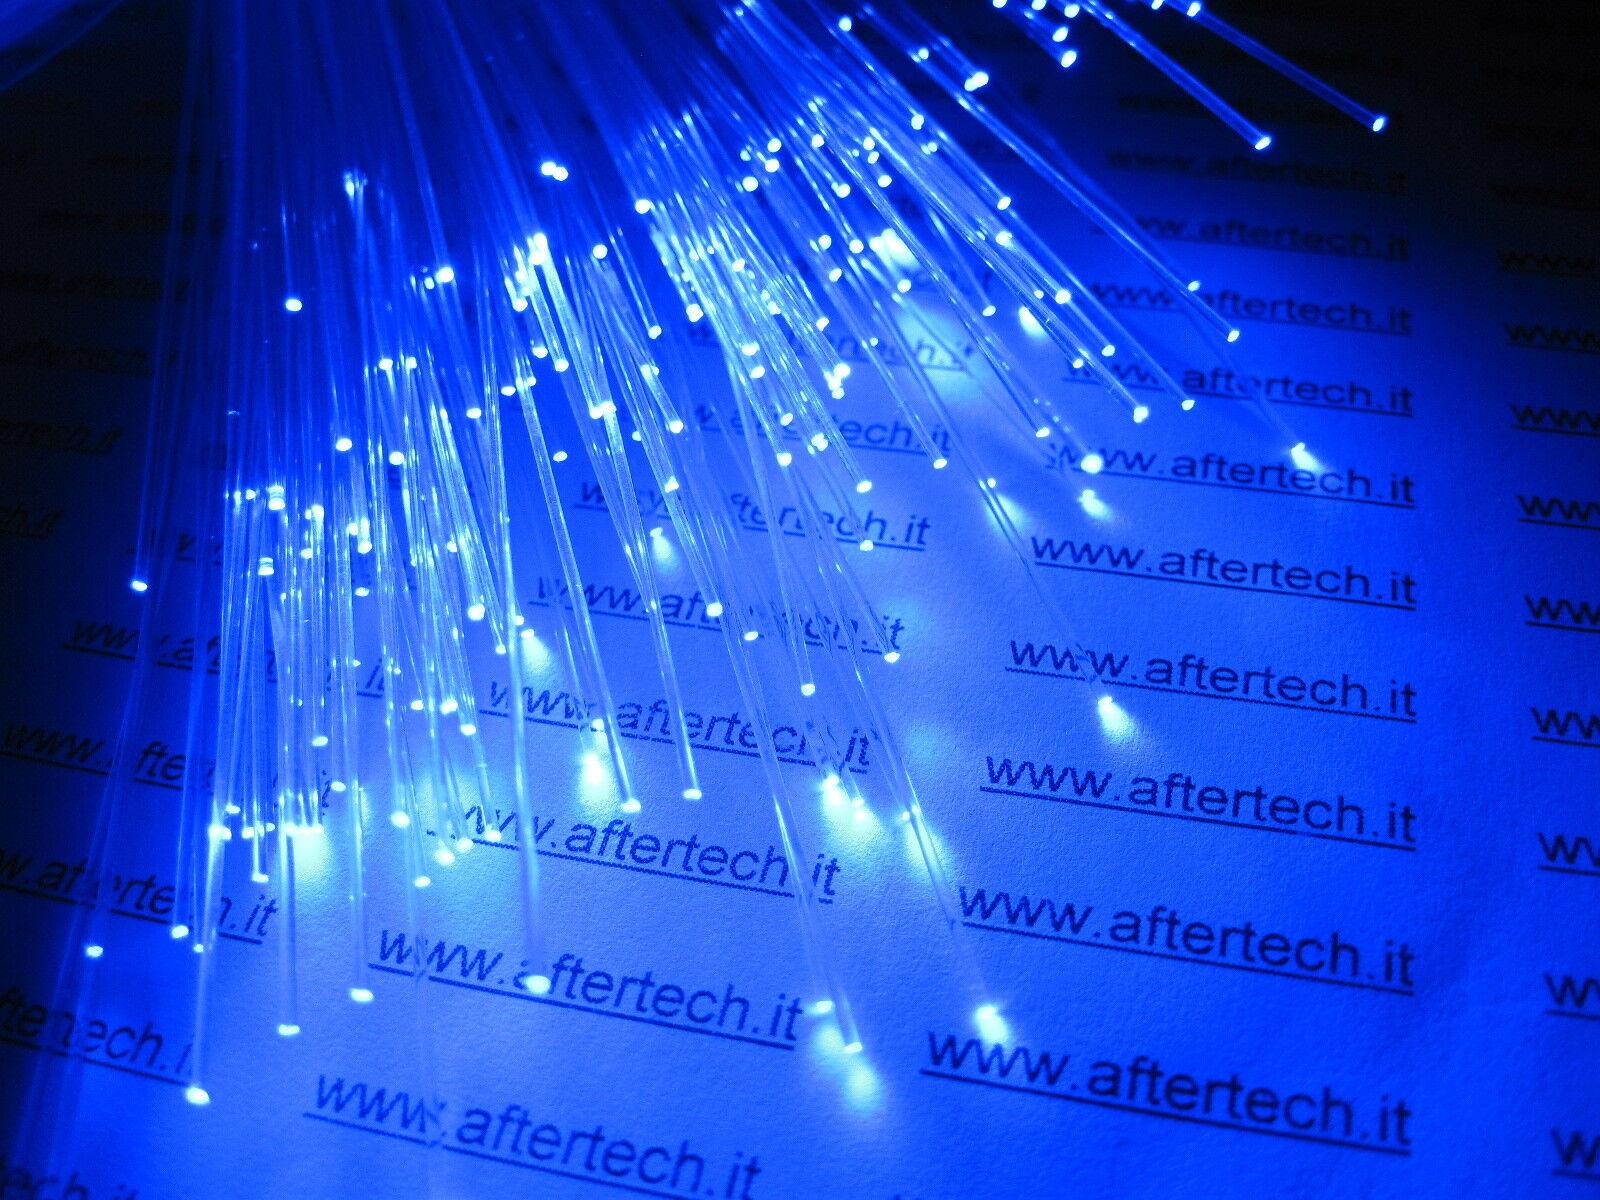 Kit fibra ottica led professionale cielo stellato per impianto